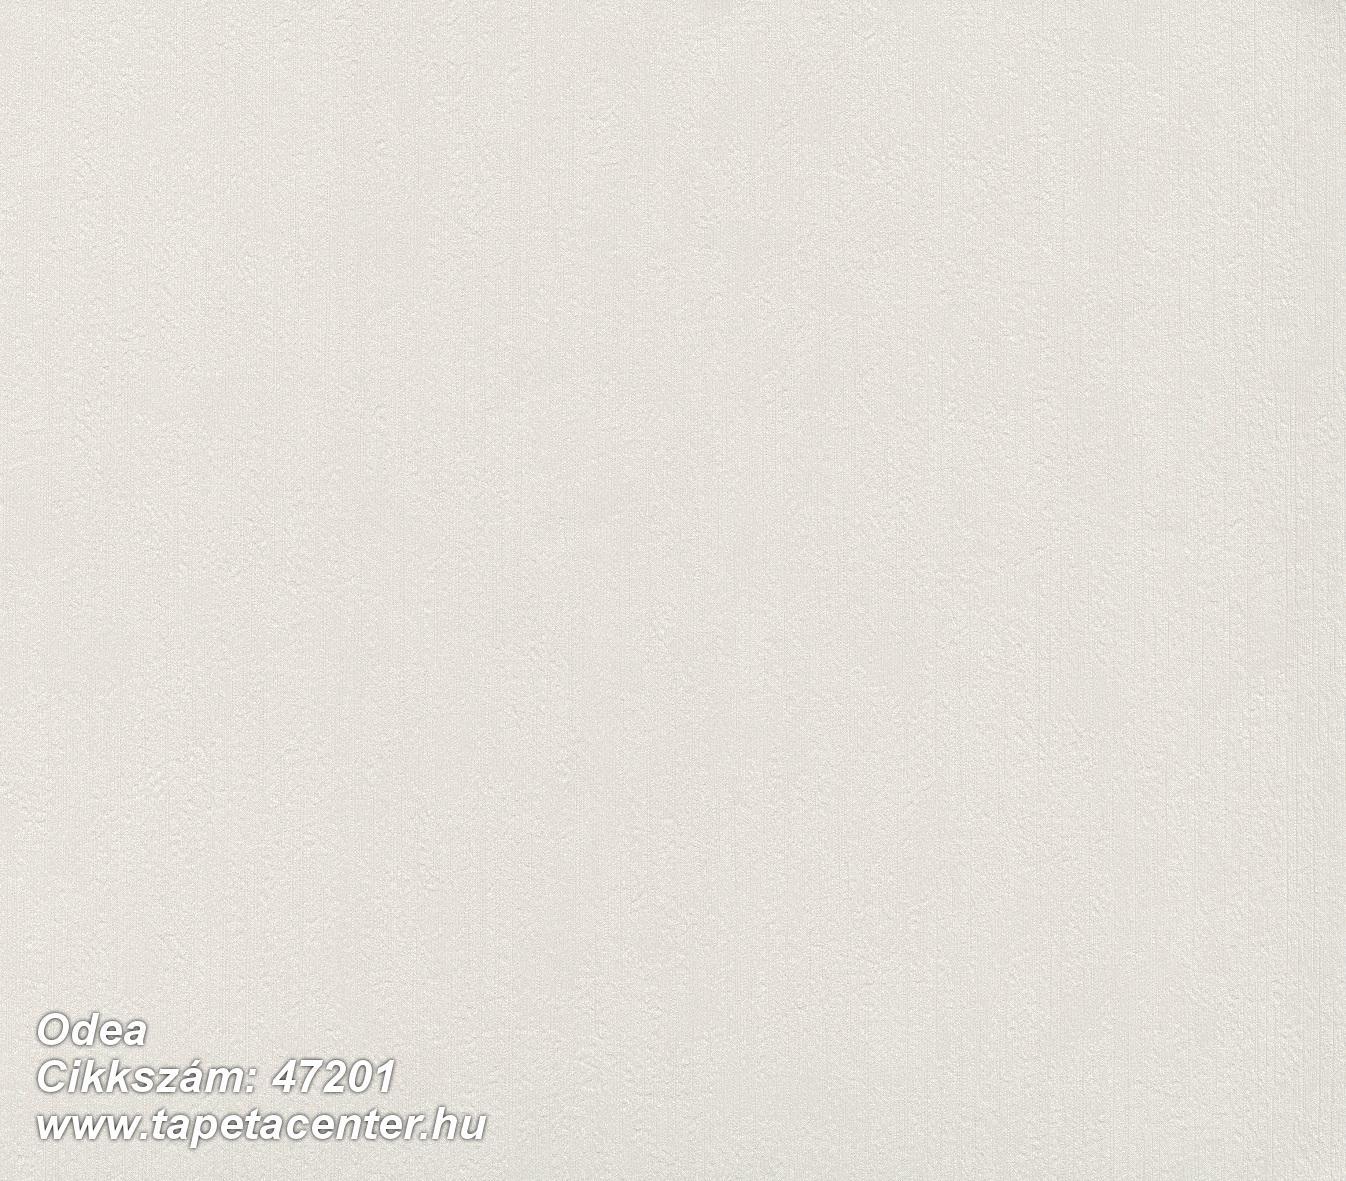 Odea - 47201 Olasz tapéta